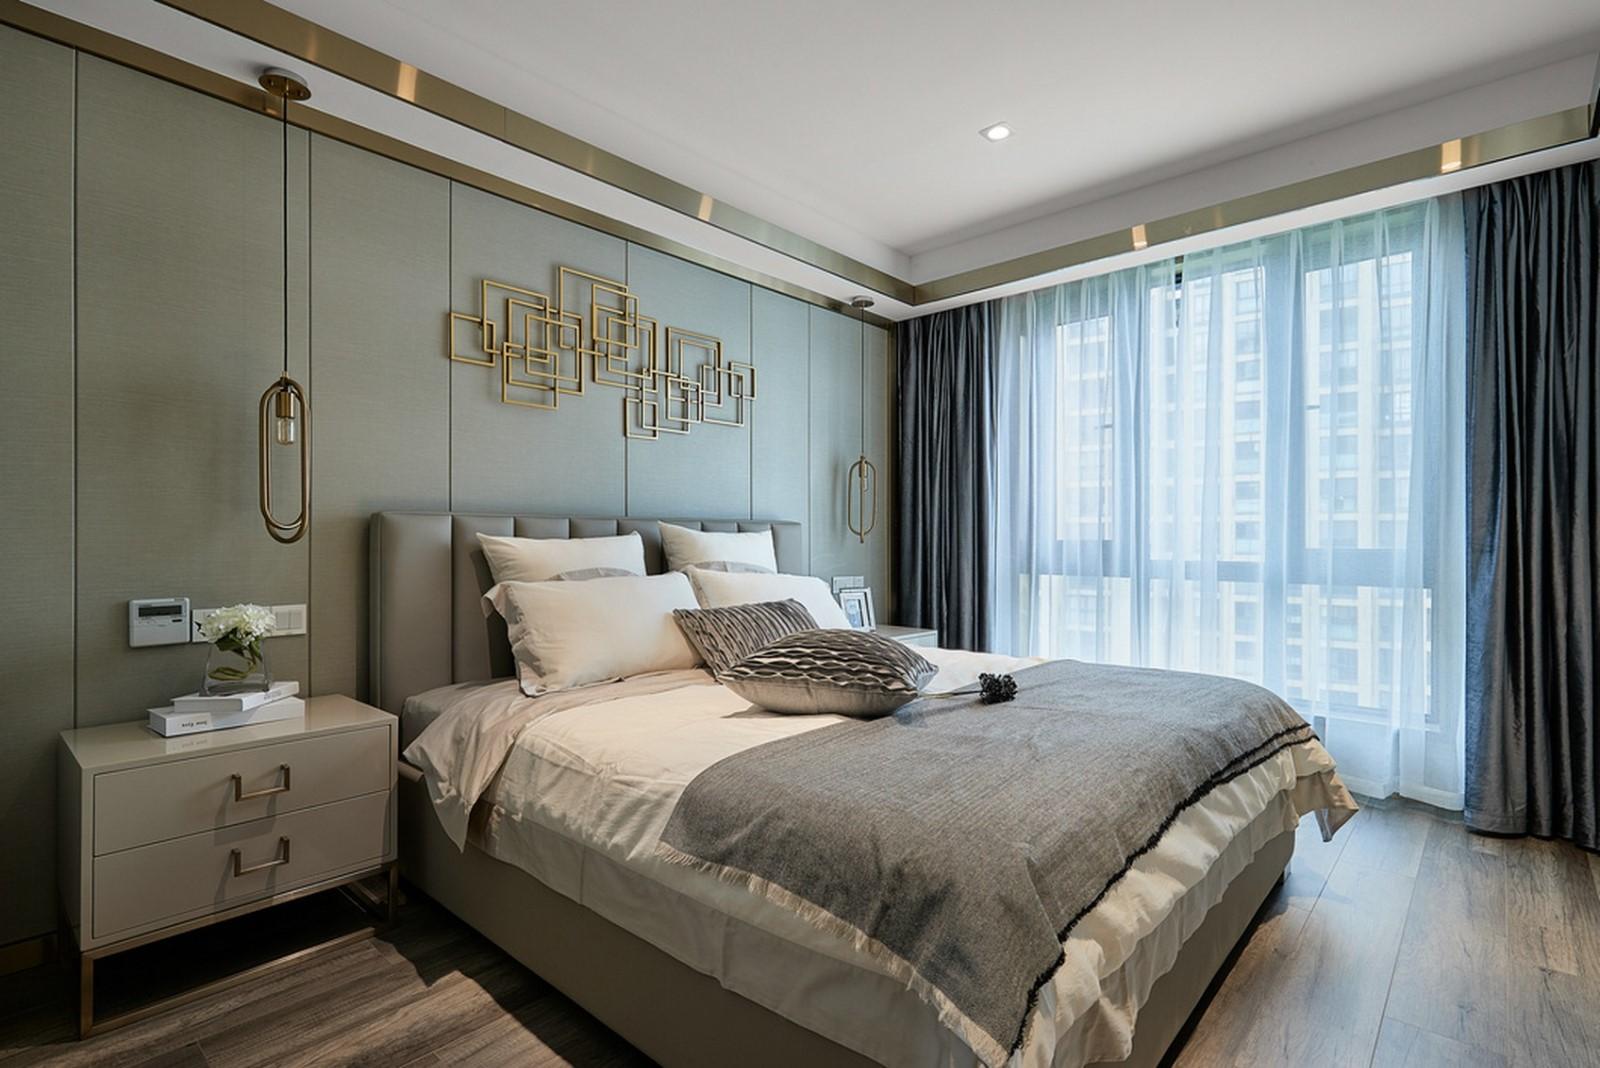 2020后現代起居室裝修設計 2020后現代背景墻裝修設計